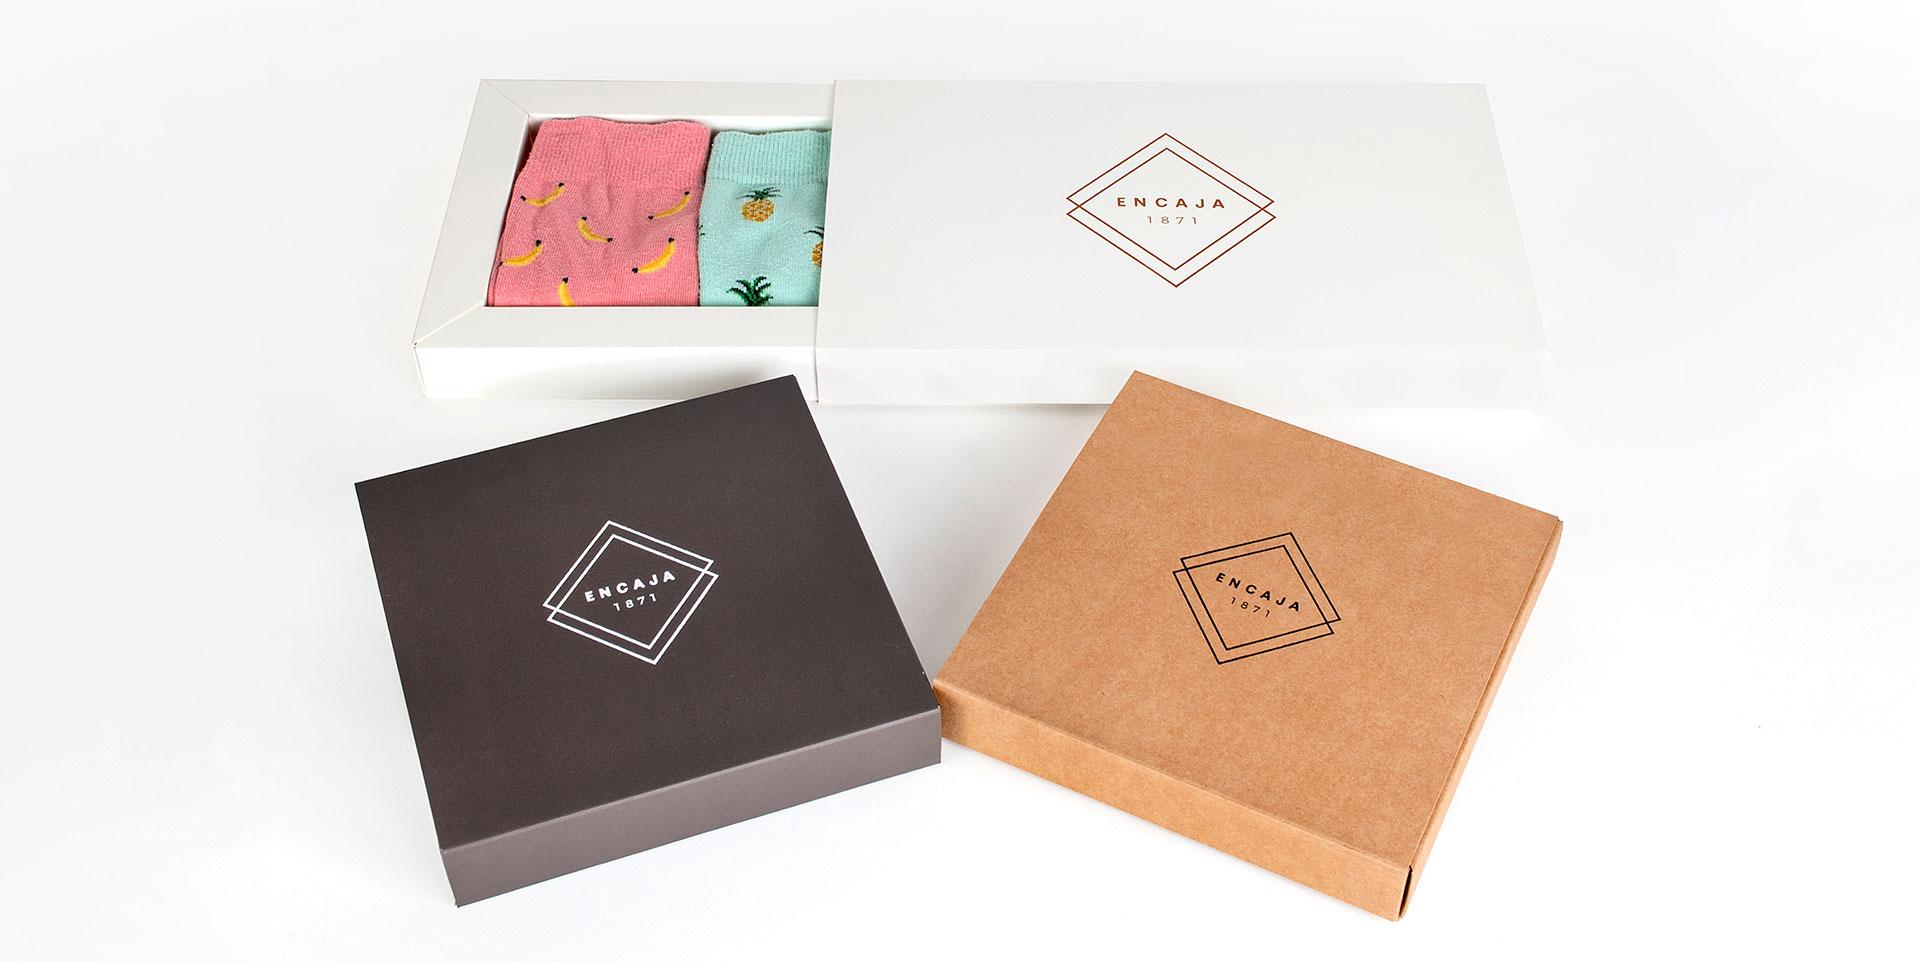 fabricante-de-cajas-de-carton-a-medida-y-personalizadas-automontables-2.jpg